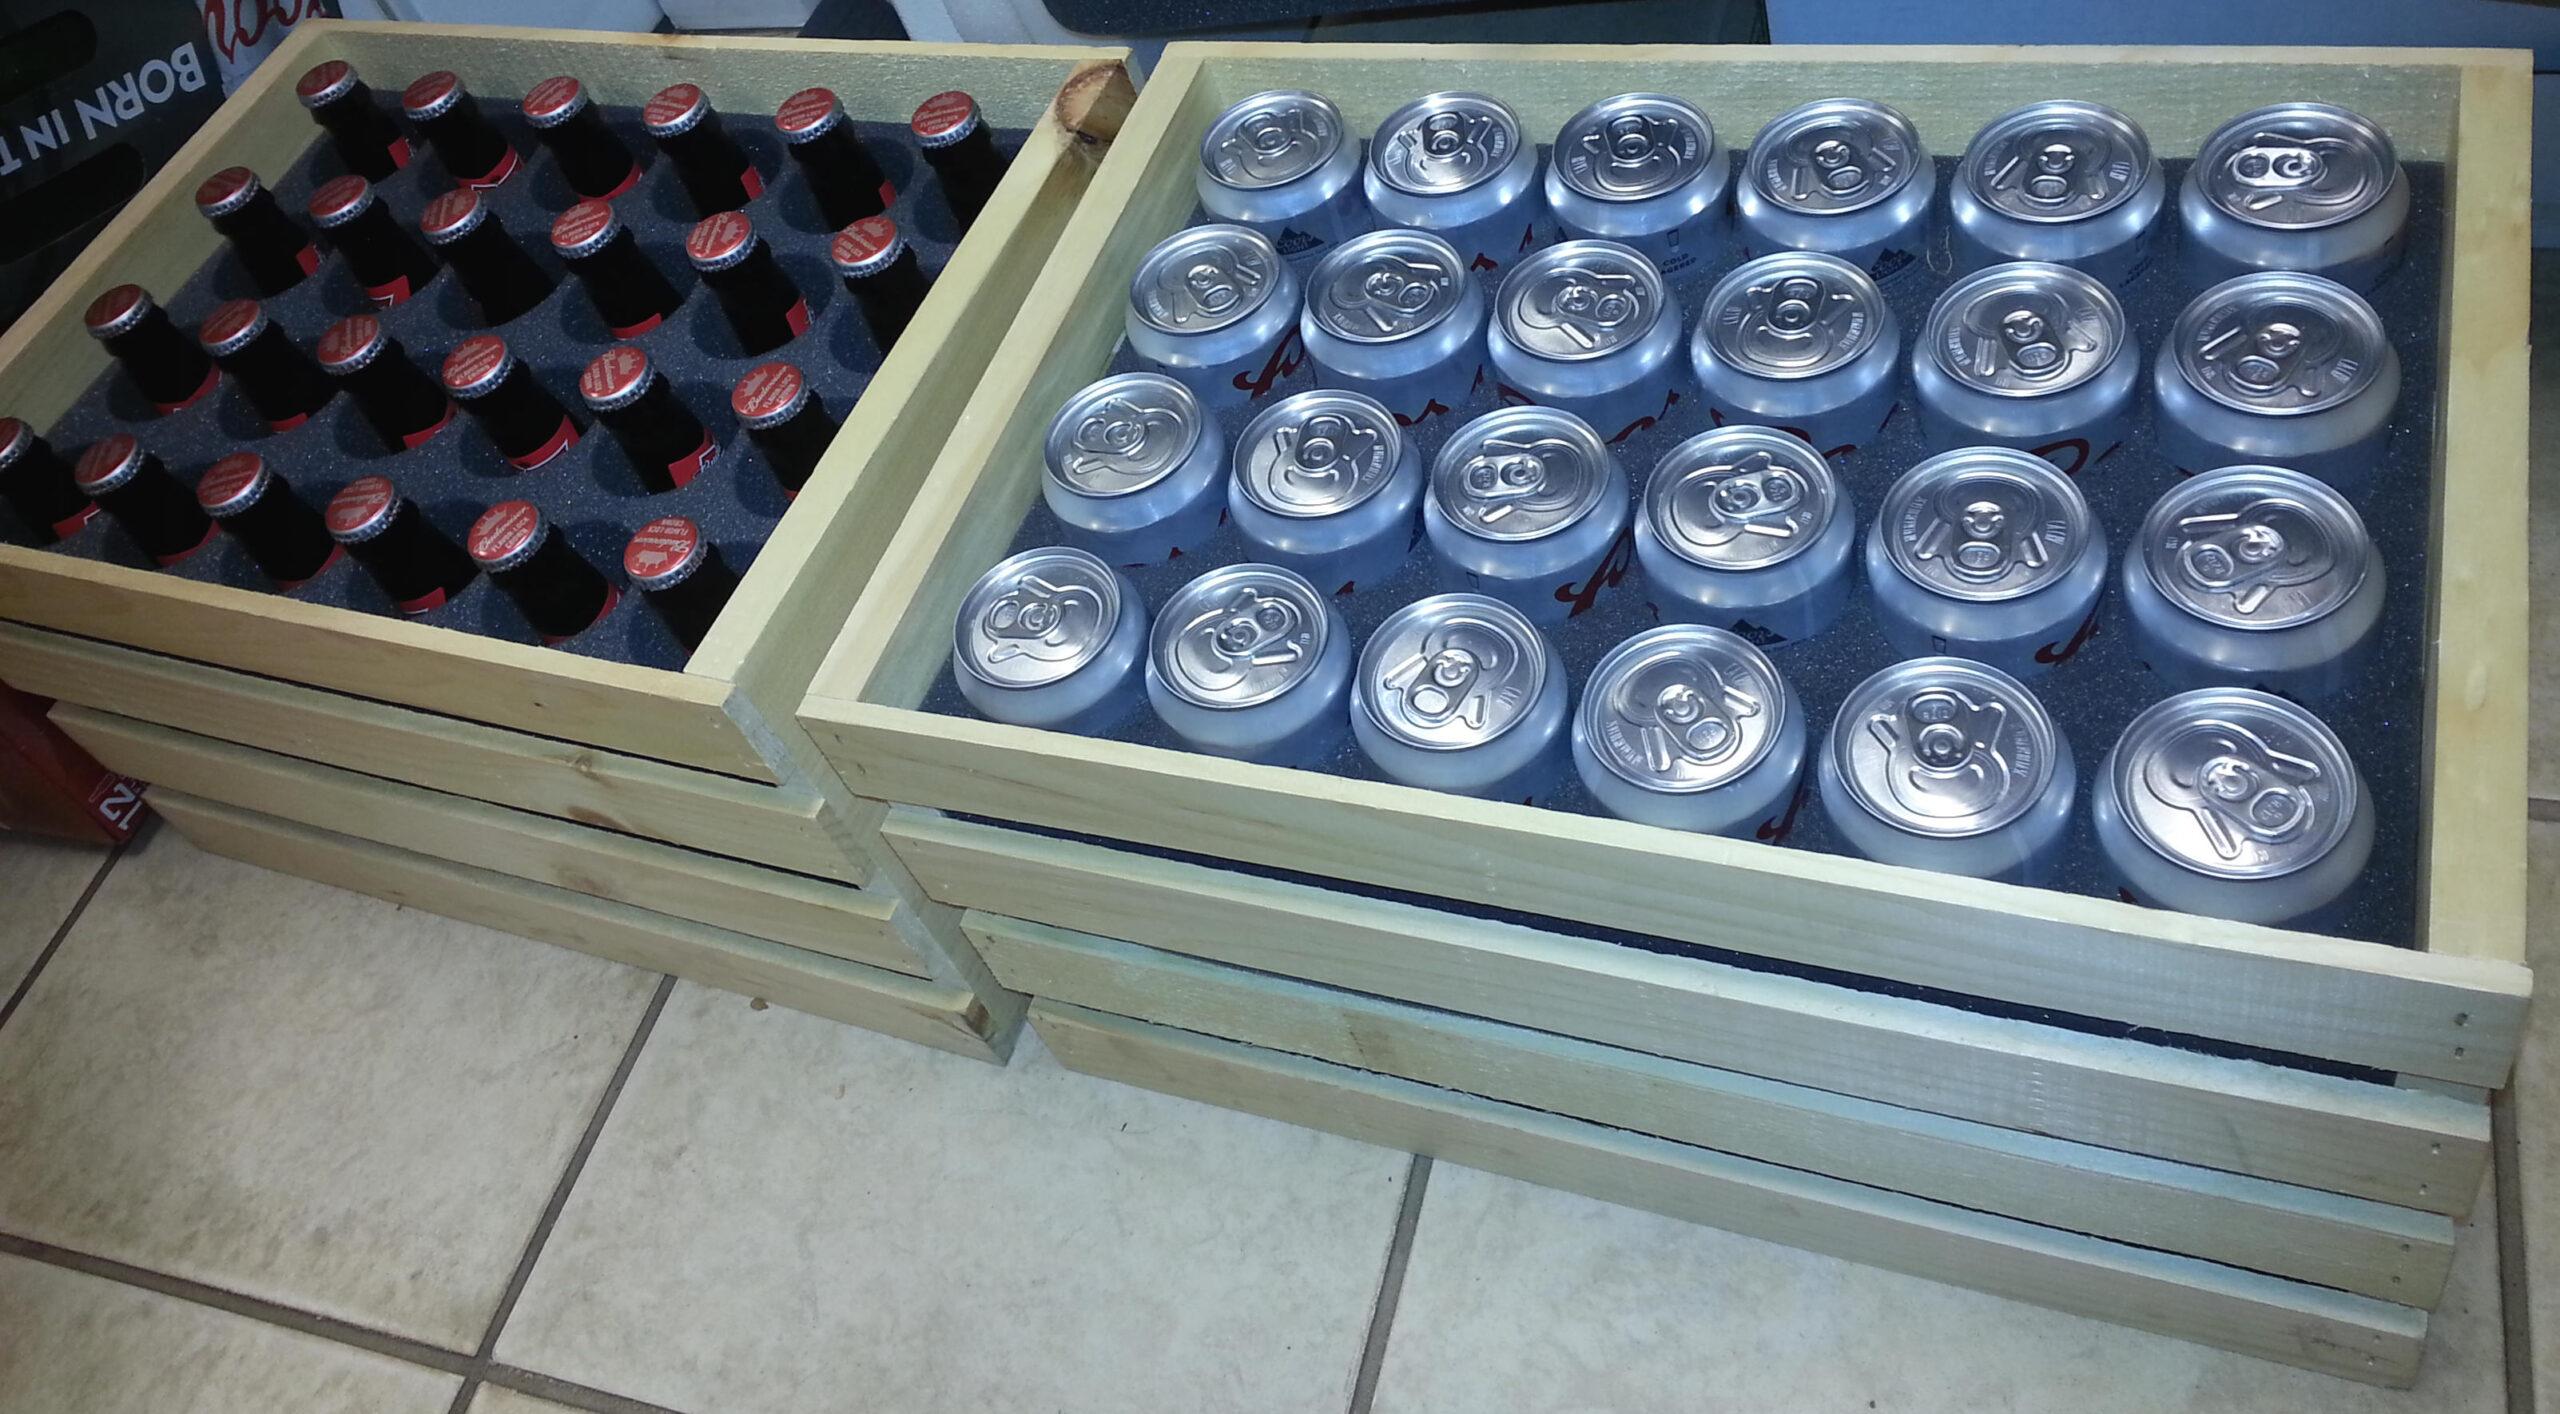 foam packaging bottle cans